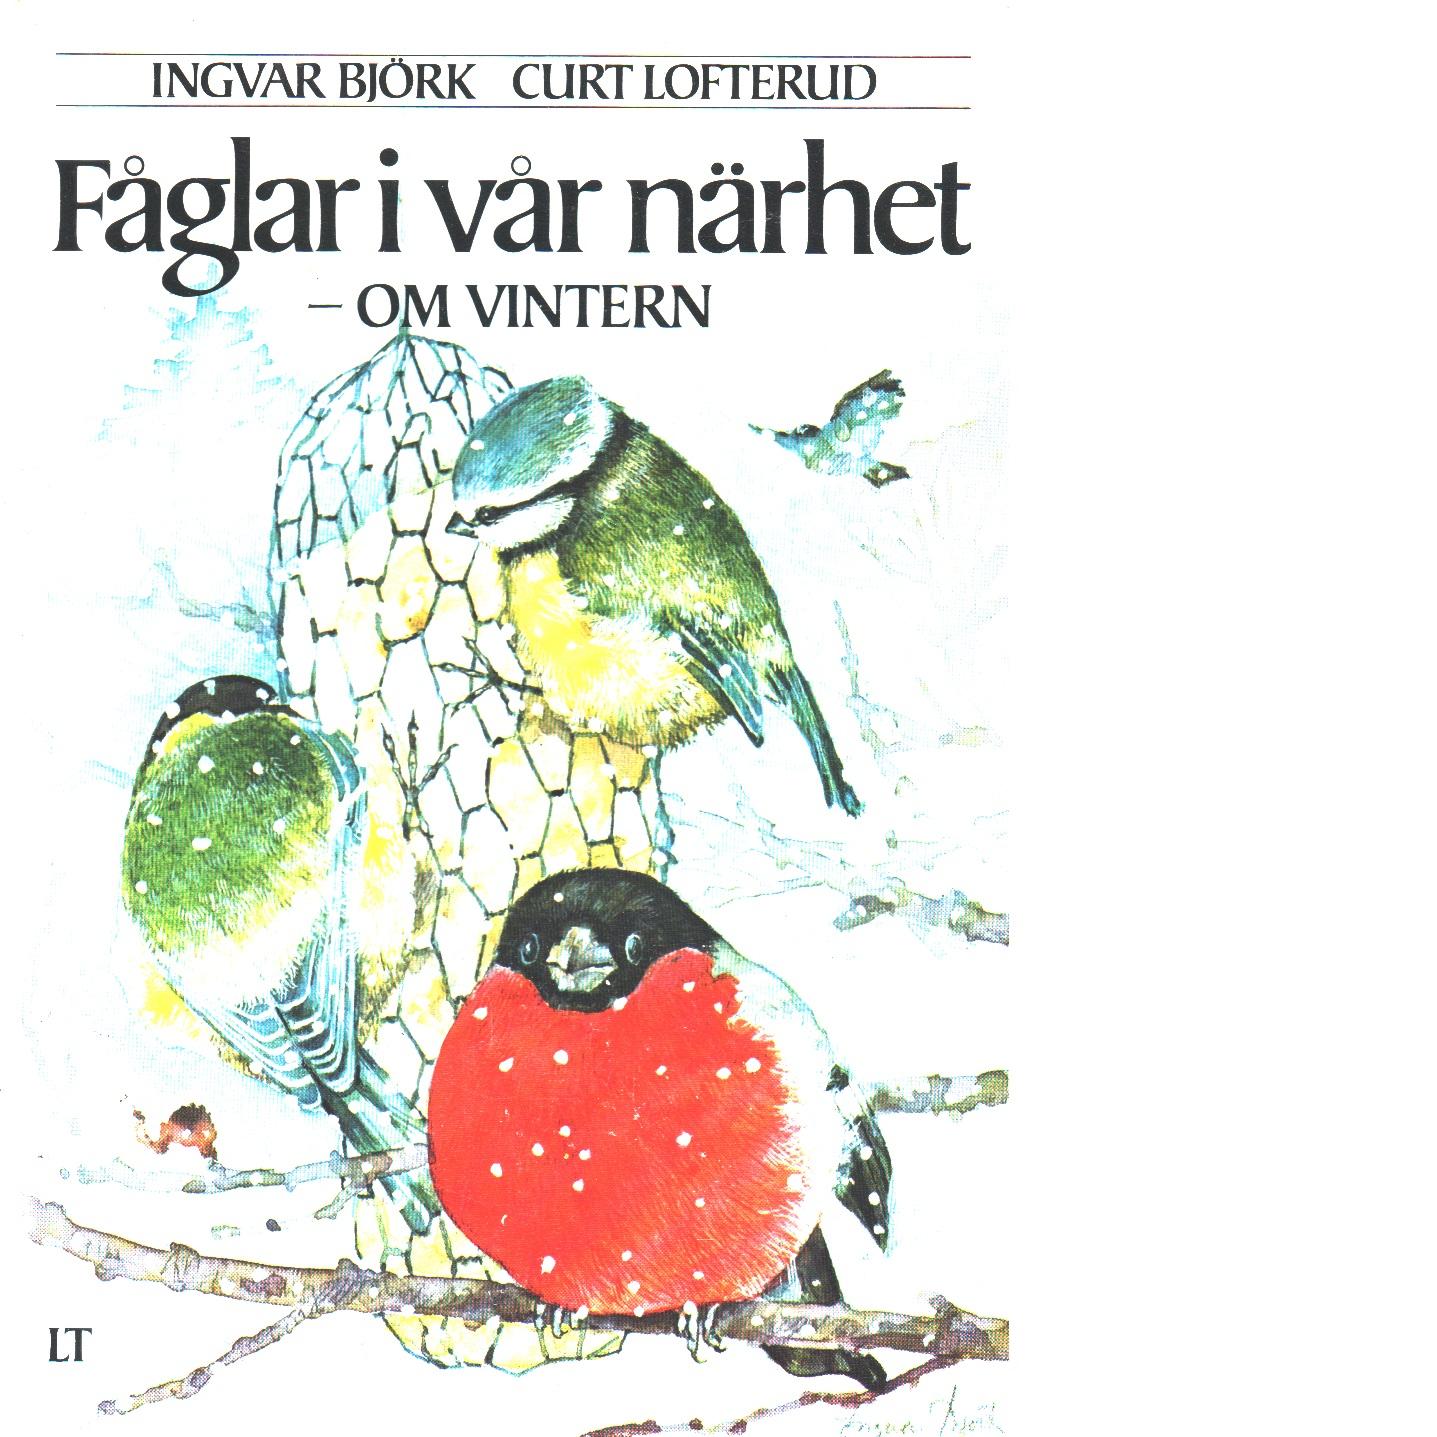 Fåglar i vår närhet : om vintern - Lofterud, Curt och Björk, Ingvar